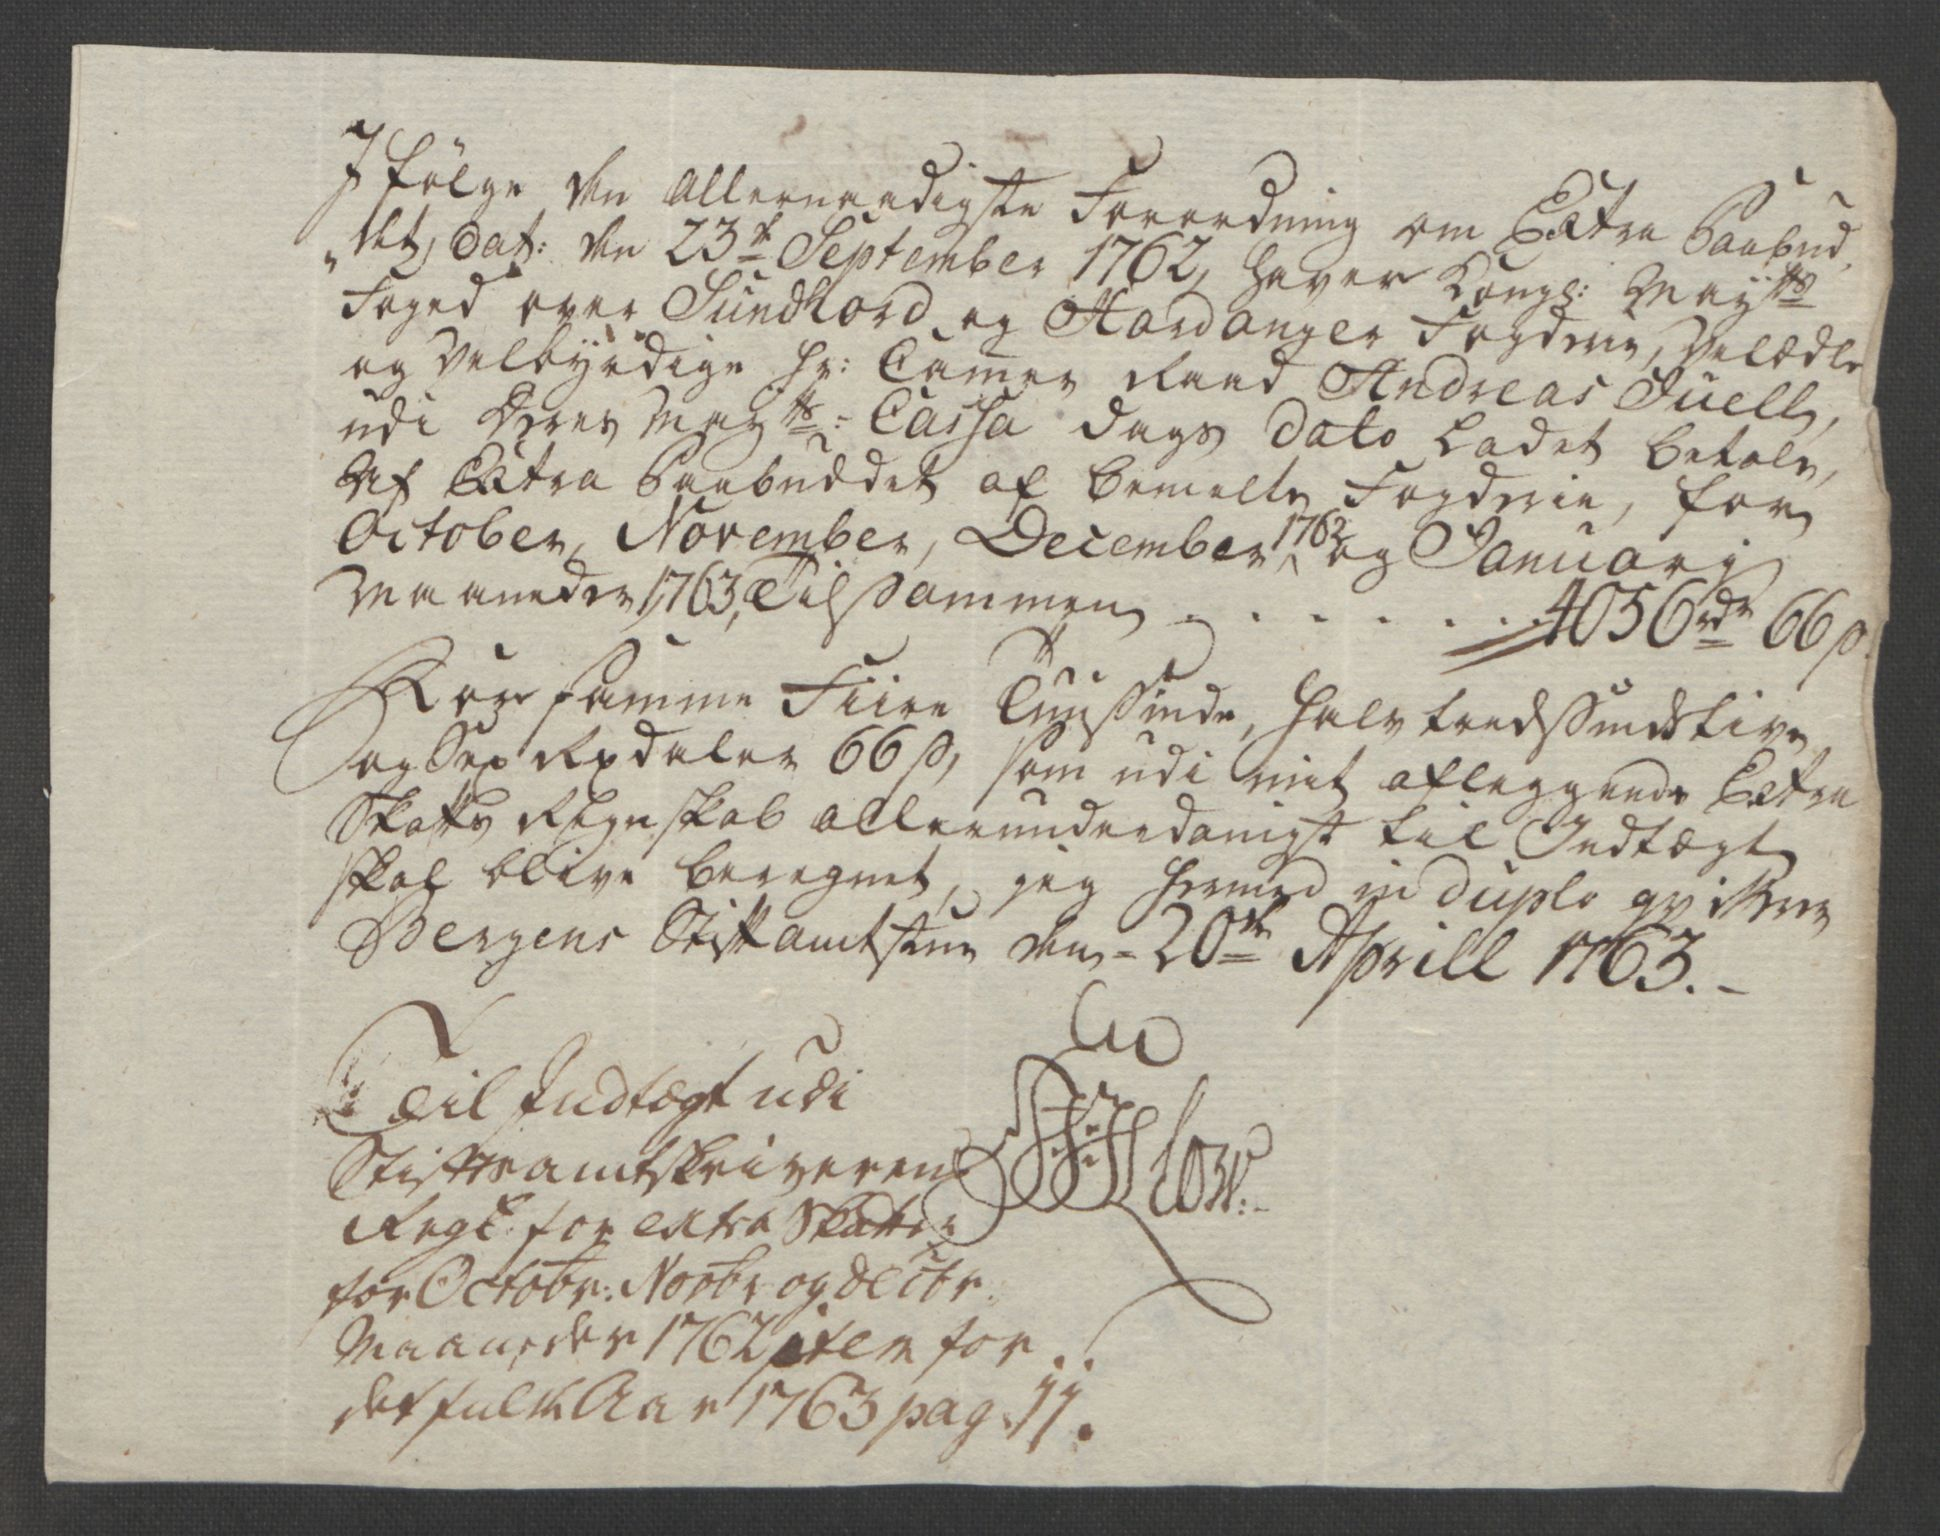 RA, Rentekammeret inntil 1814, Reviderte regnskaper, Fogderegnskap, R48/L3136: Ekstraskatten Sunnhordland og Hardanger, 1762-1772, s. 13